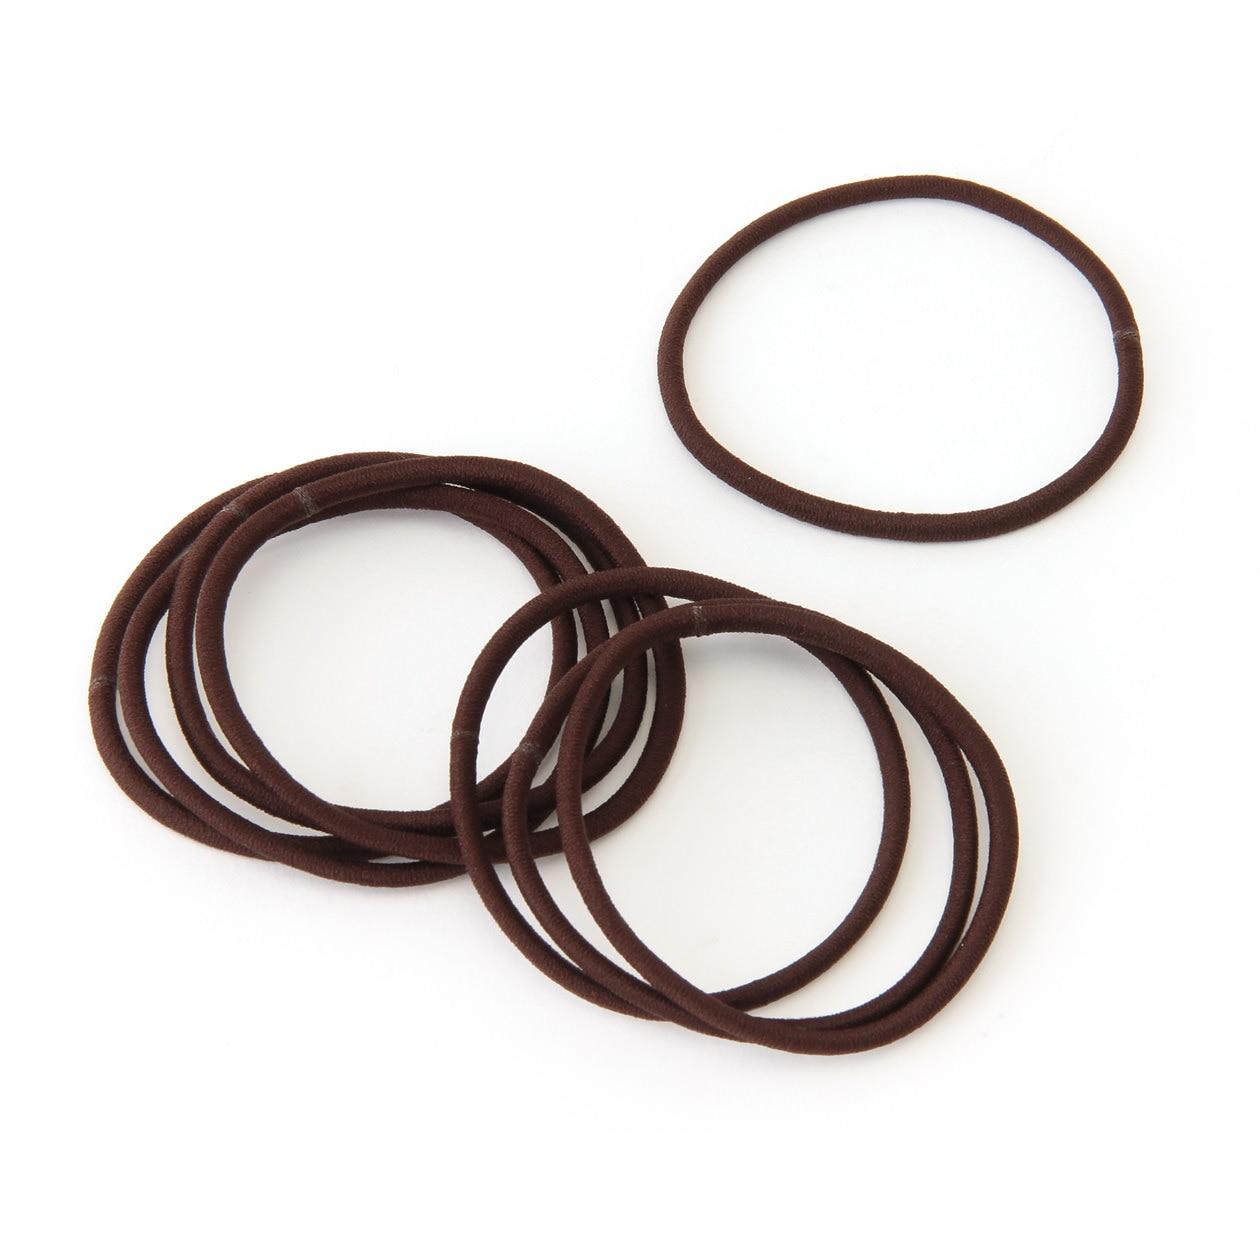 HAIR RUBBER BAND SLIM BROWN  38a6ddee99b